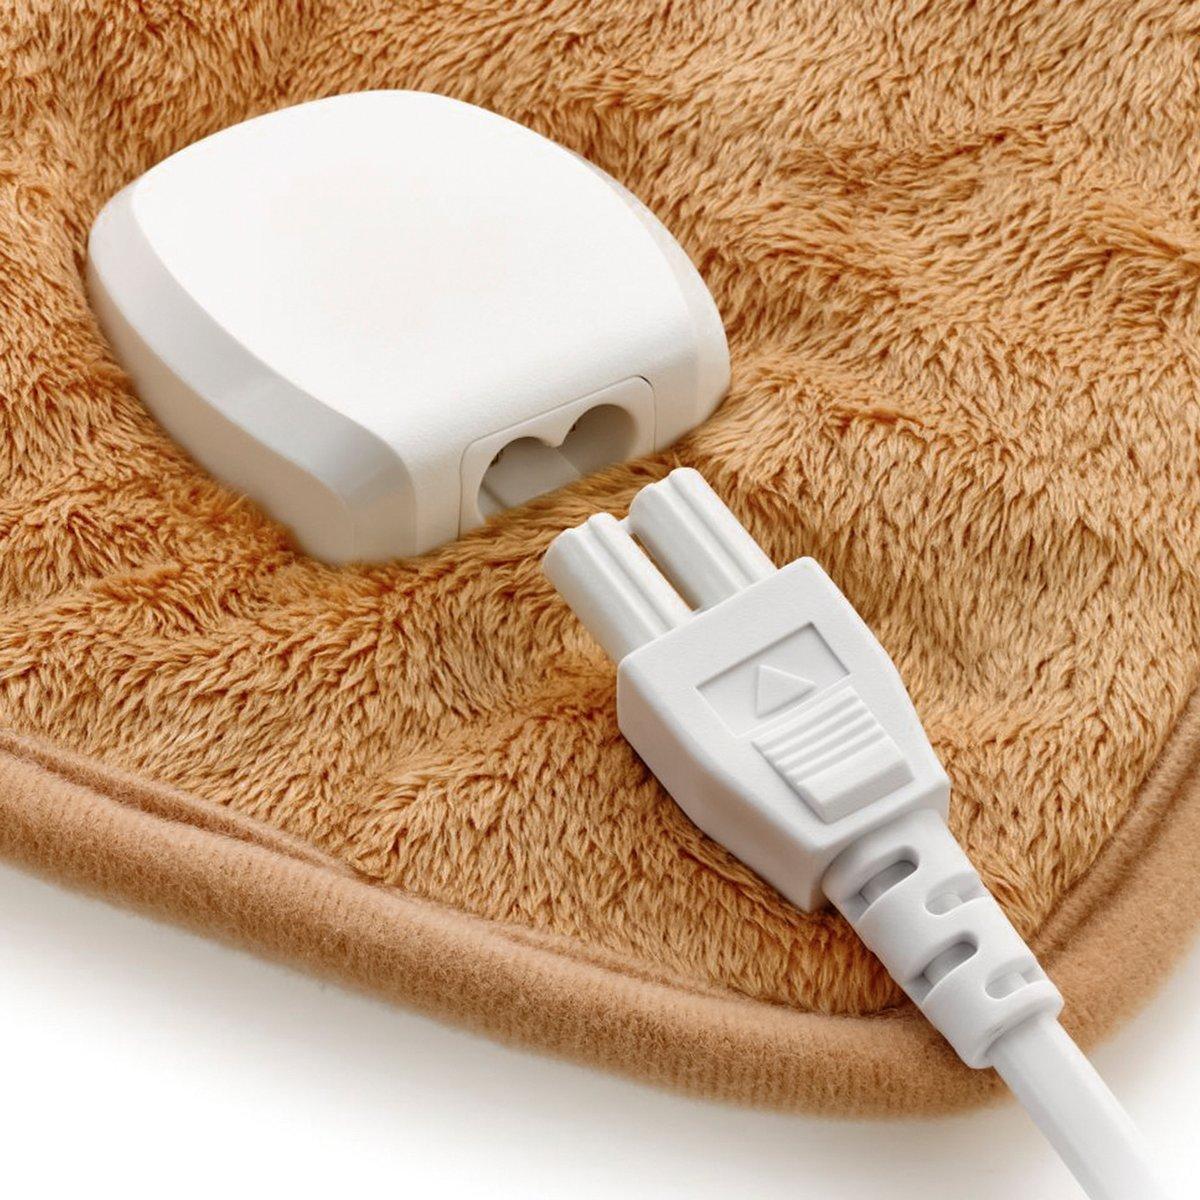 Chaleco almohadilla eléctrica para hombros y espalda: Amazon.es: Salud y cuidado personal